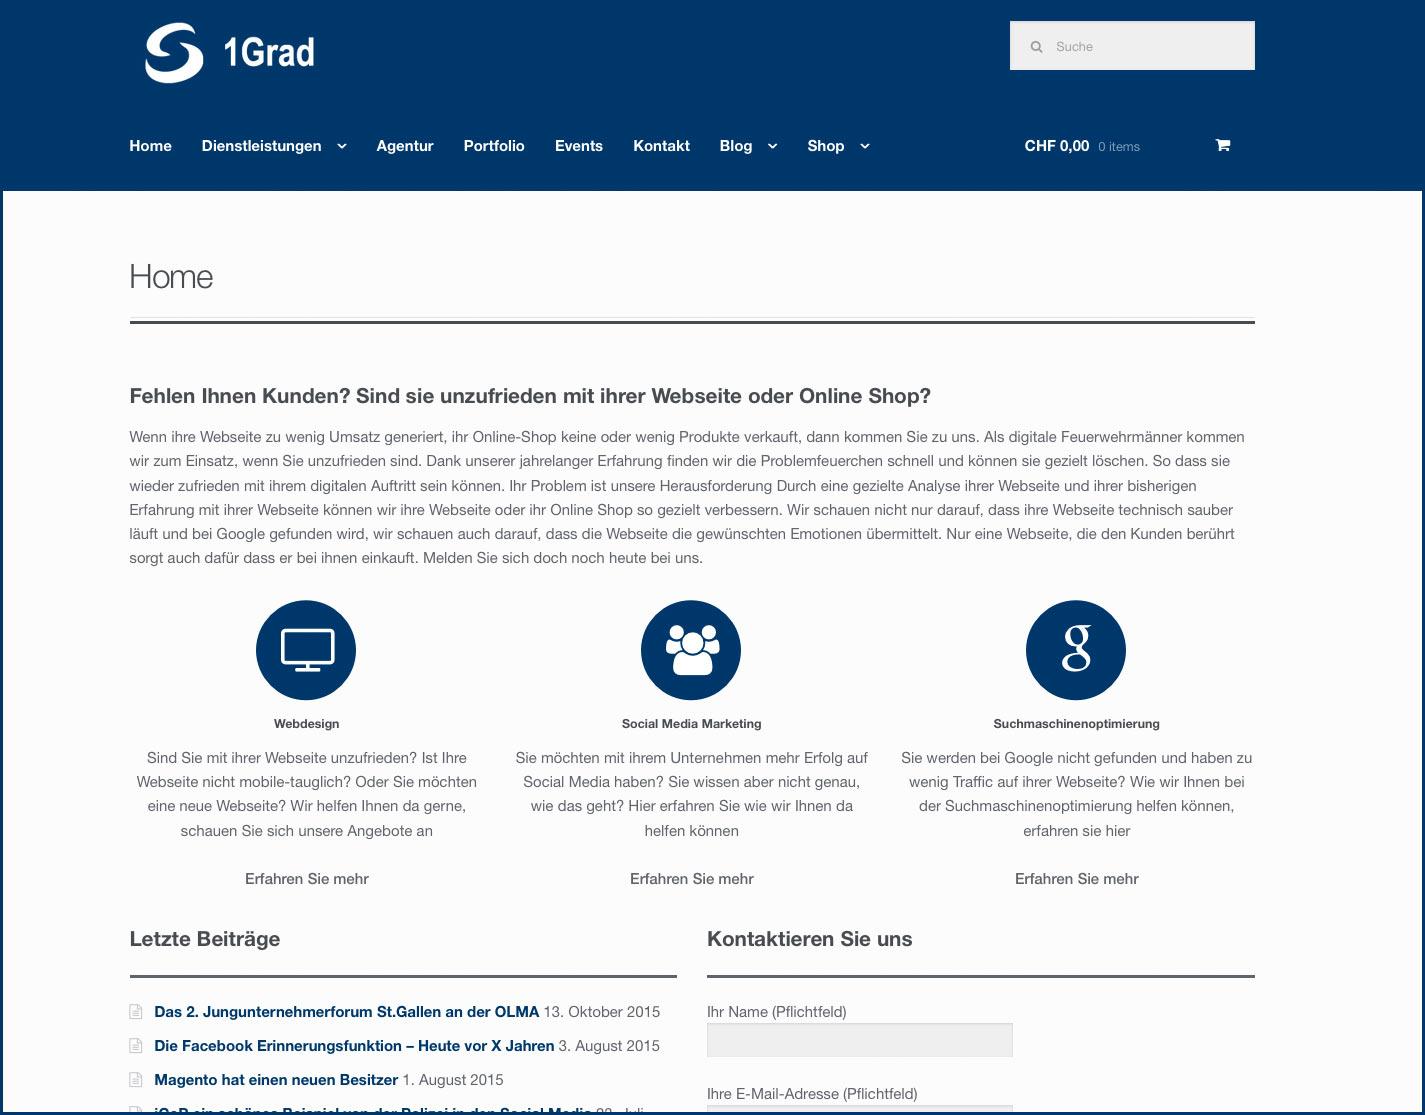 Neue 1Grad Webseite - nach dem Redesign